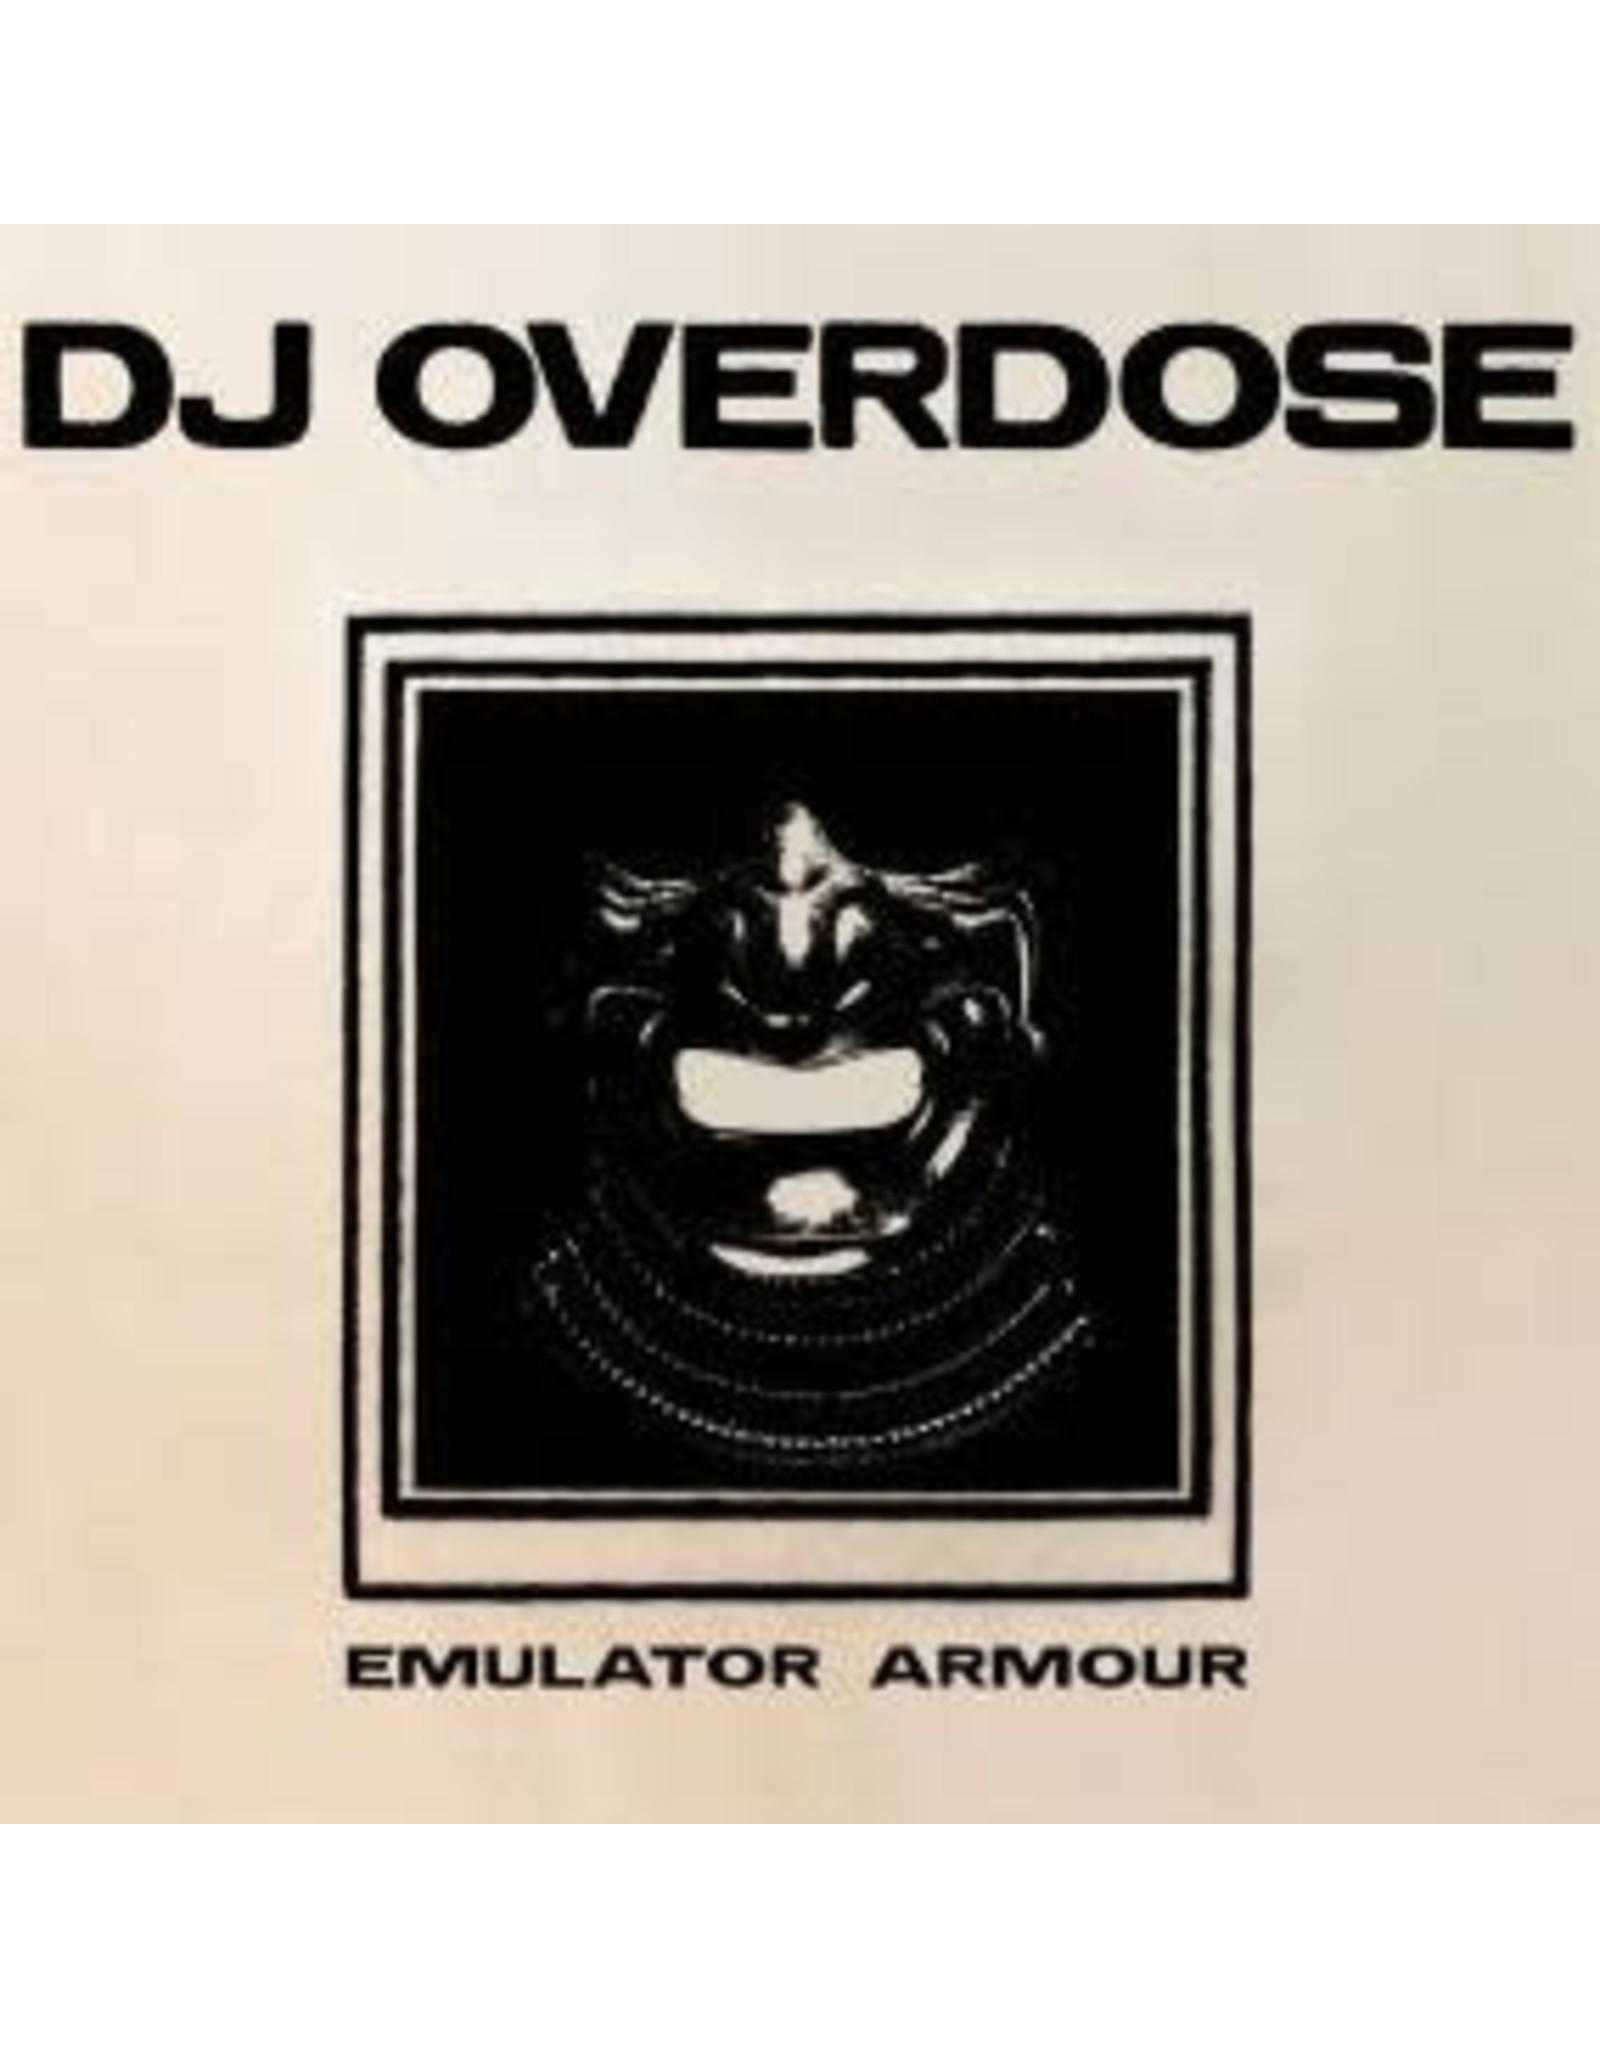 L.I.E.S. DJ Overdose: Emulator Armour LP